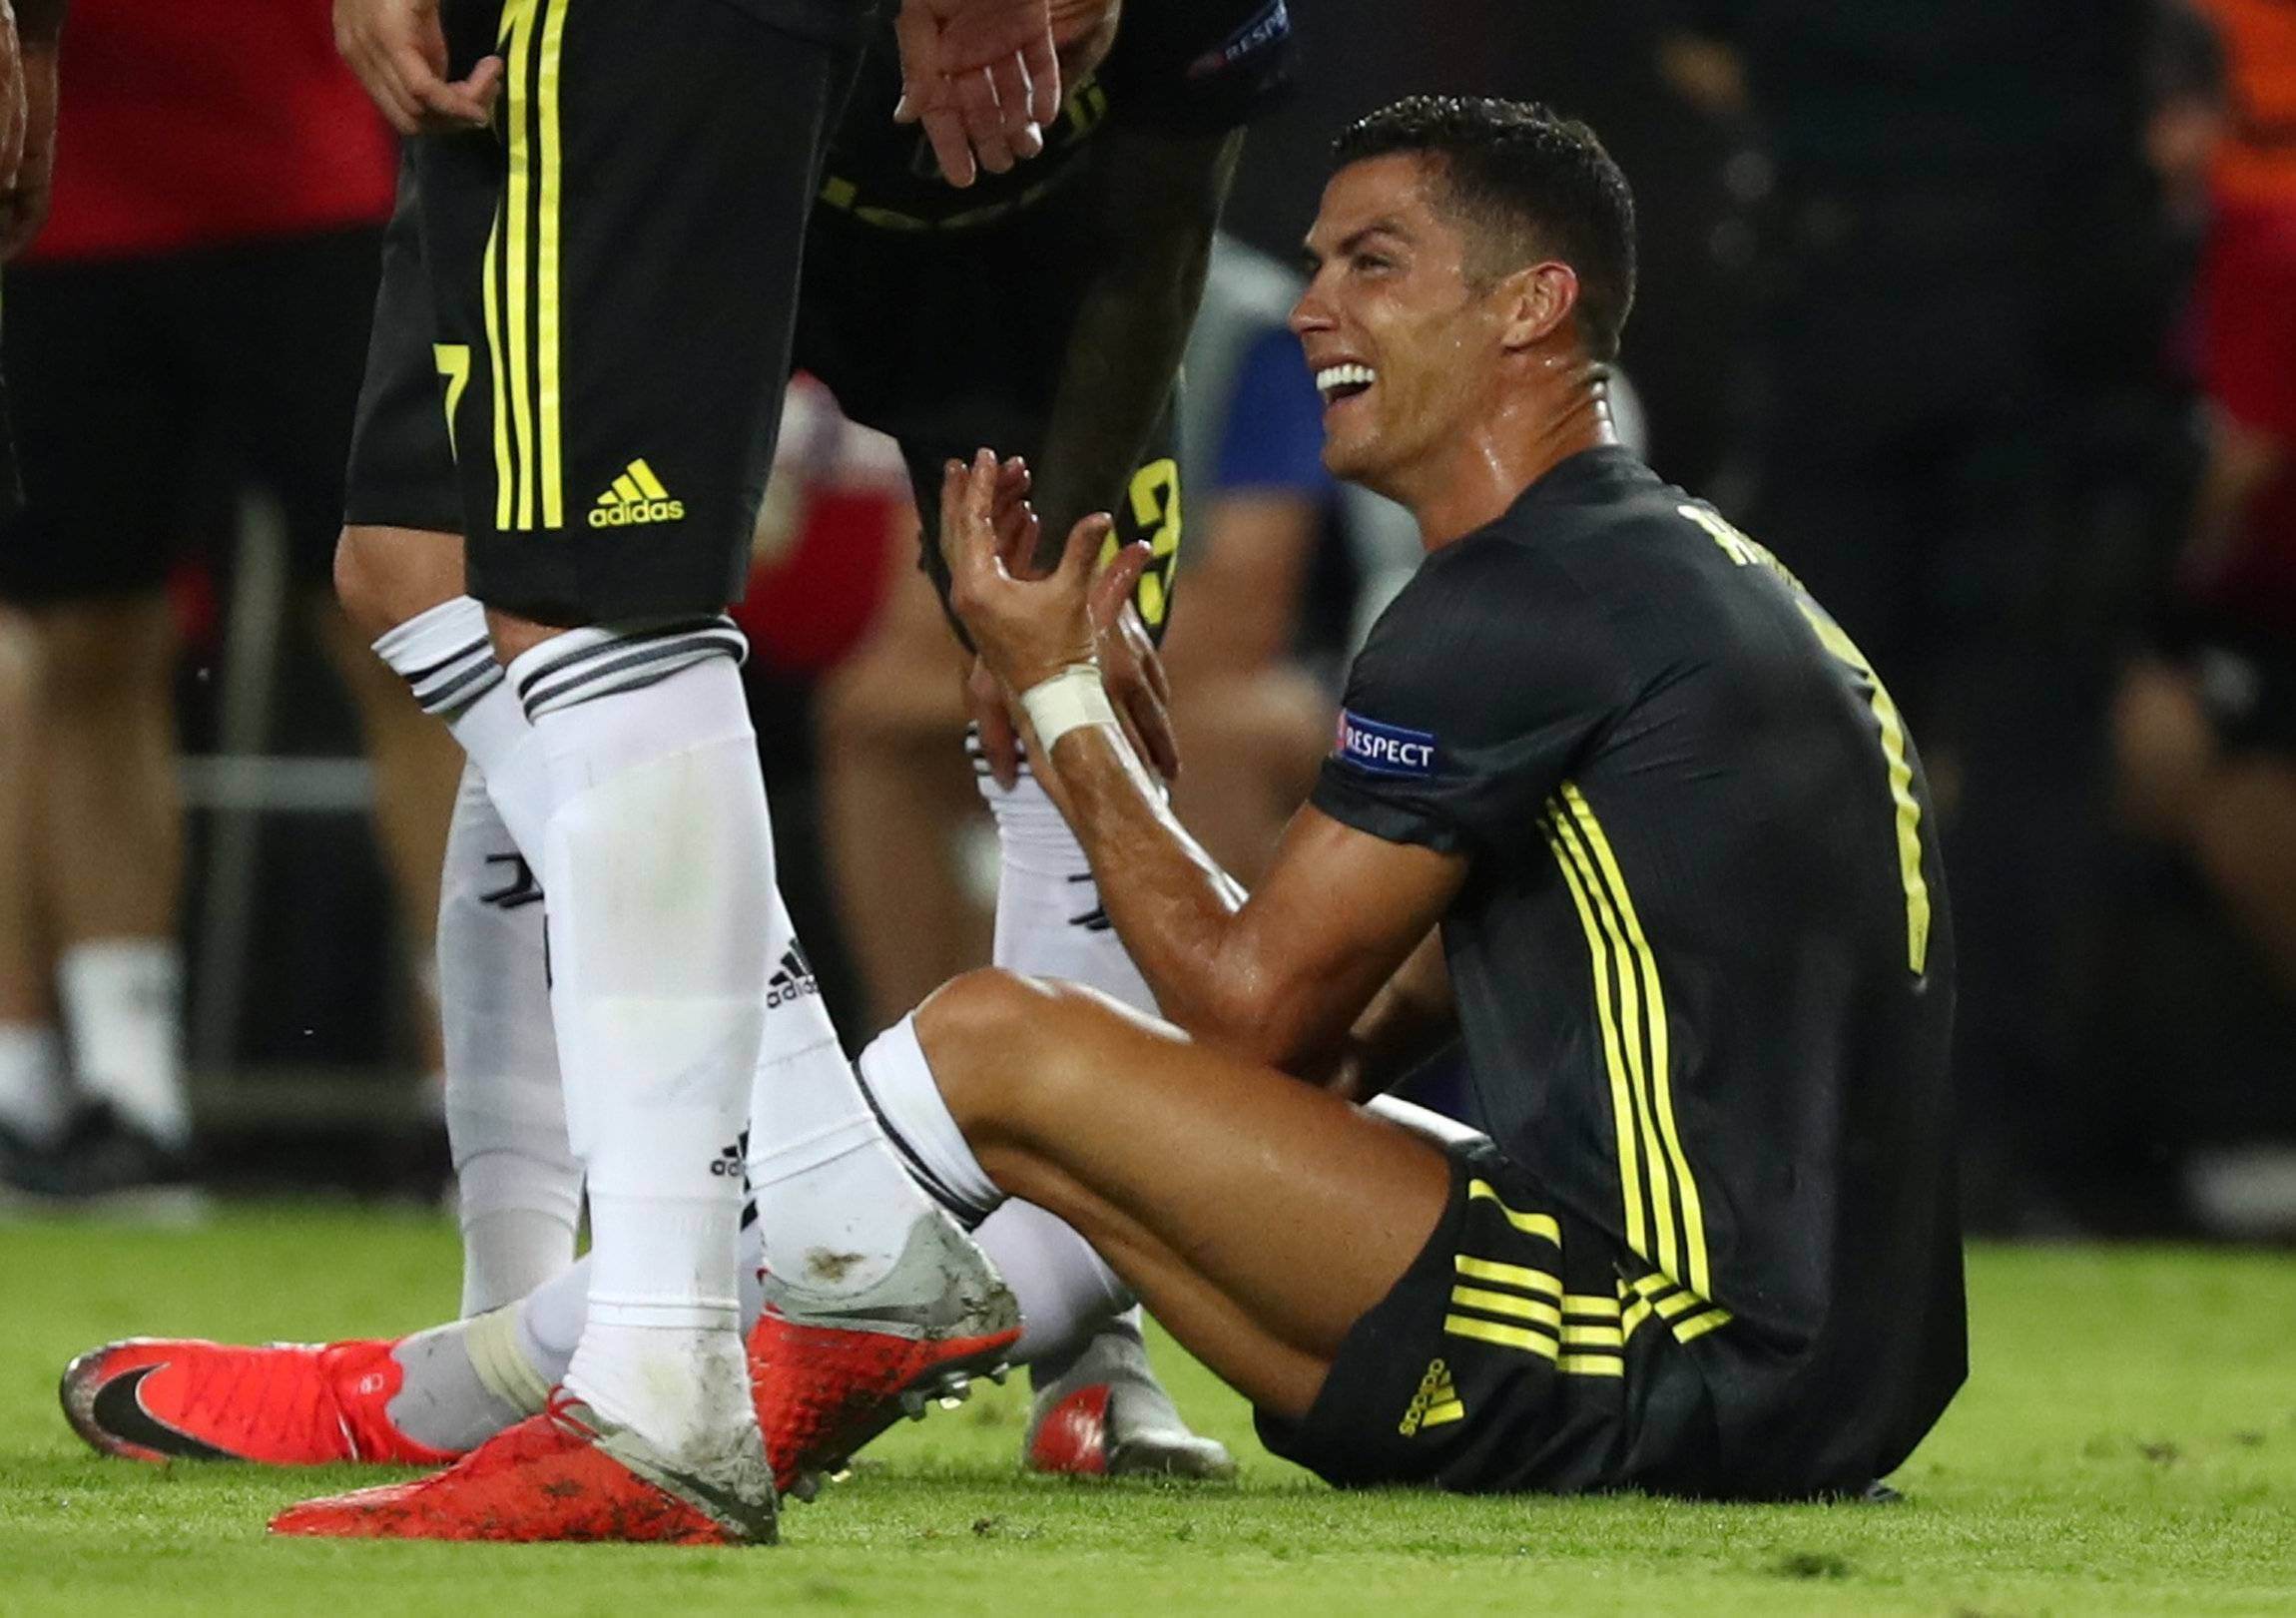 Слезы в футболе – от чего плачут известные футболисты?